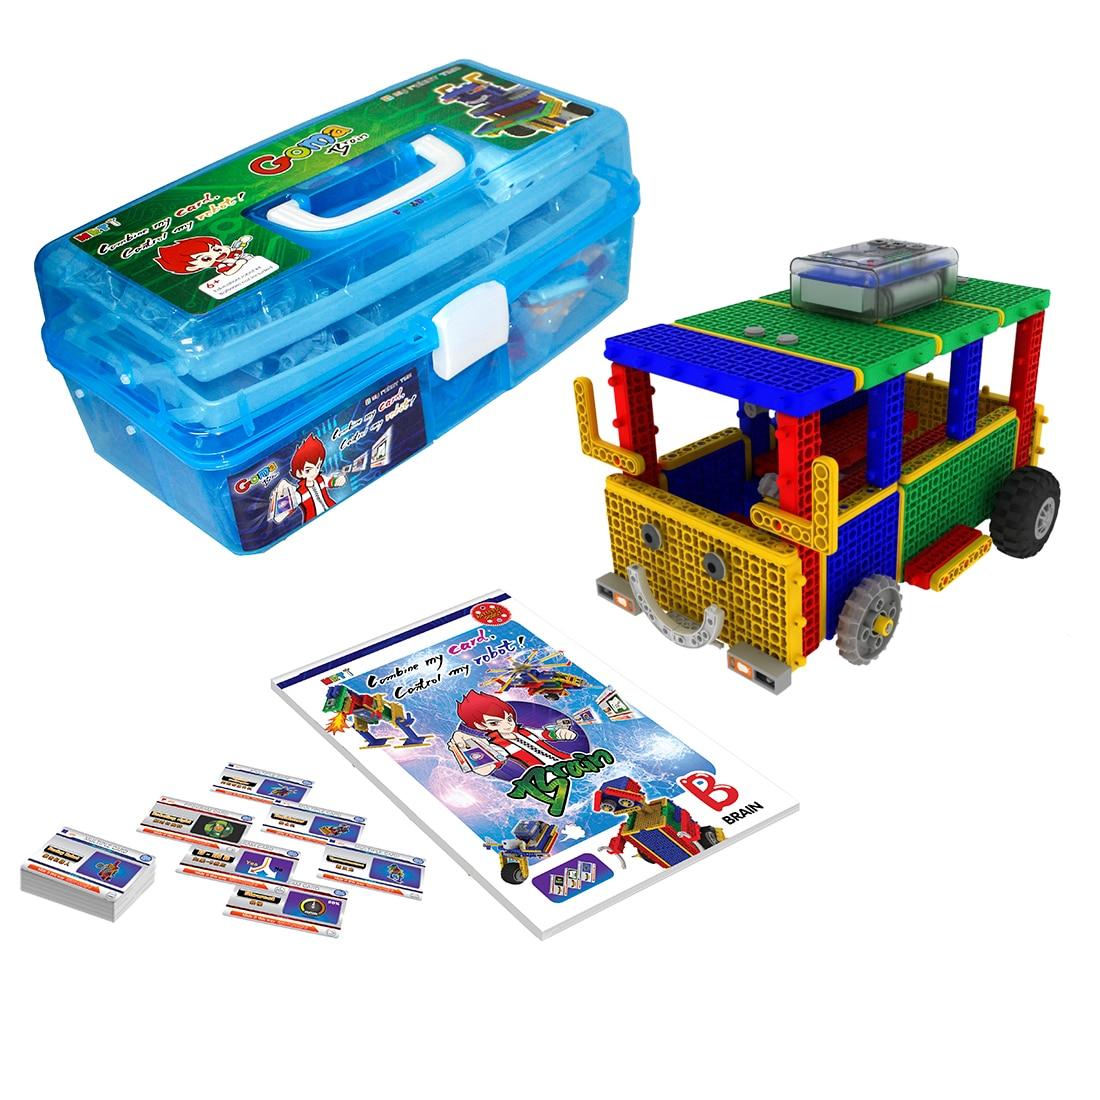 mrt 1 cerebro fk robos coloridos bulding bloco conjunto kit brinquedo robo educacional para iniciante 6